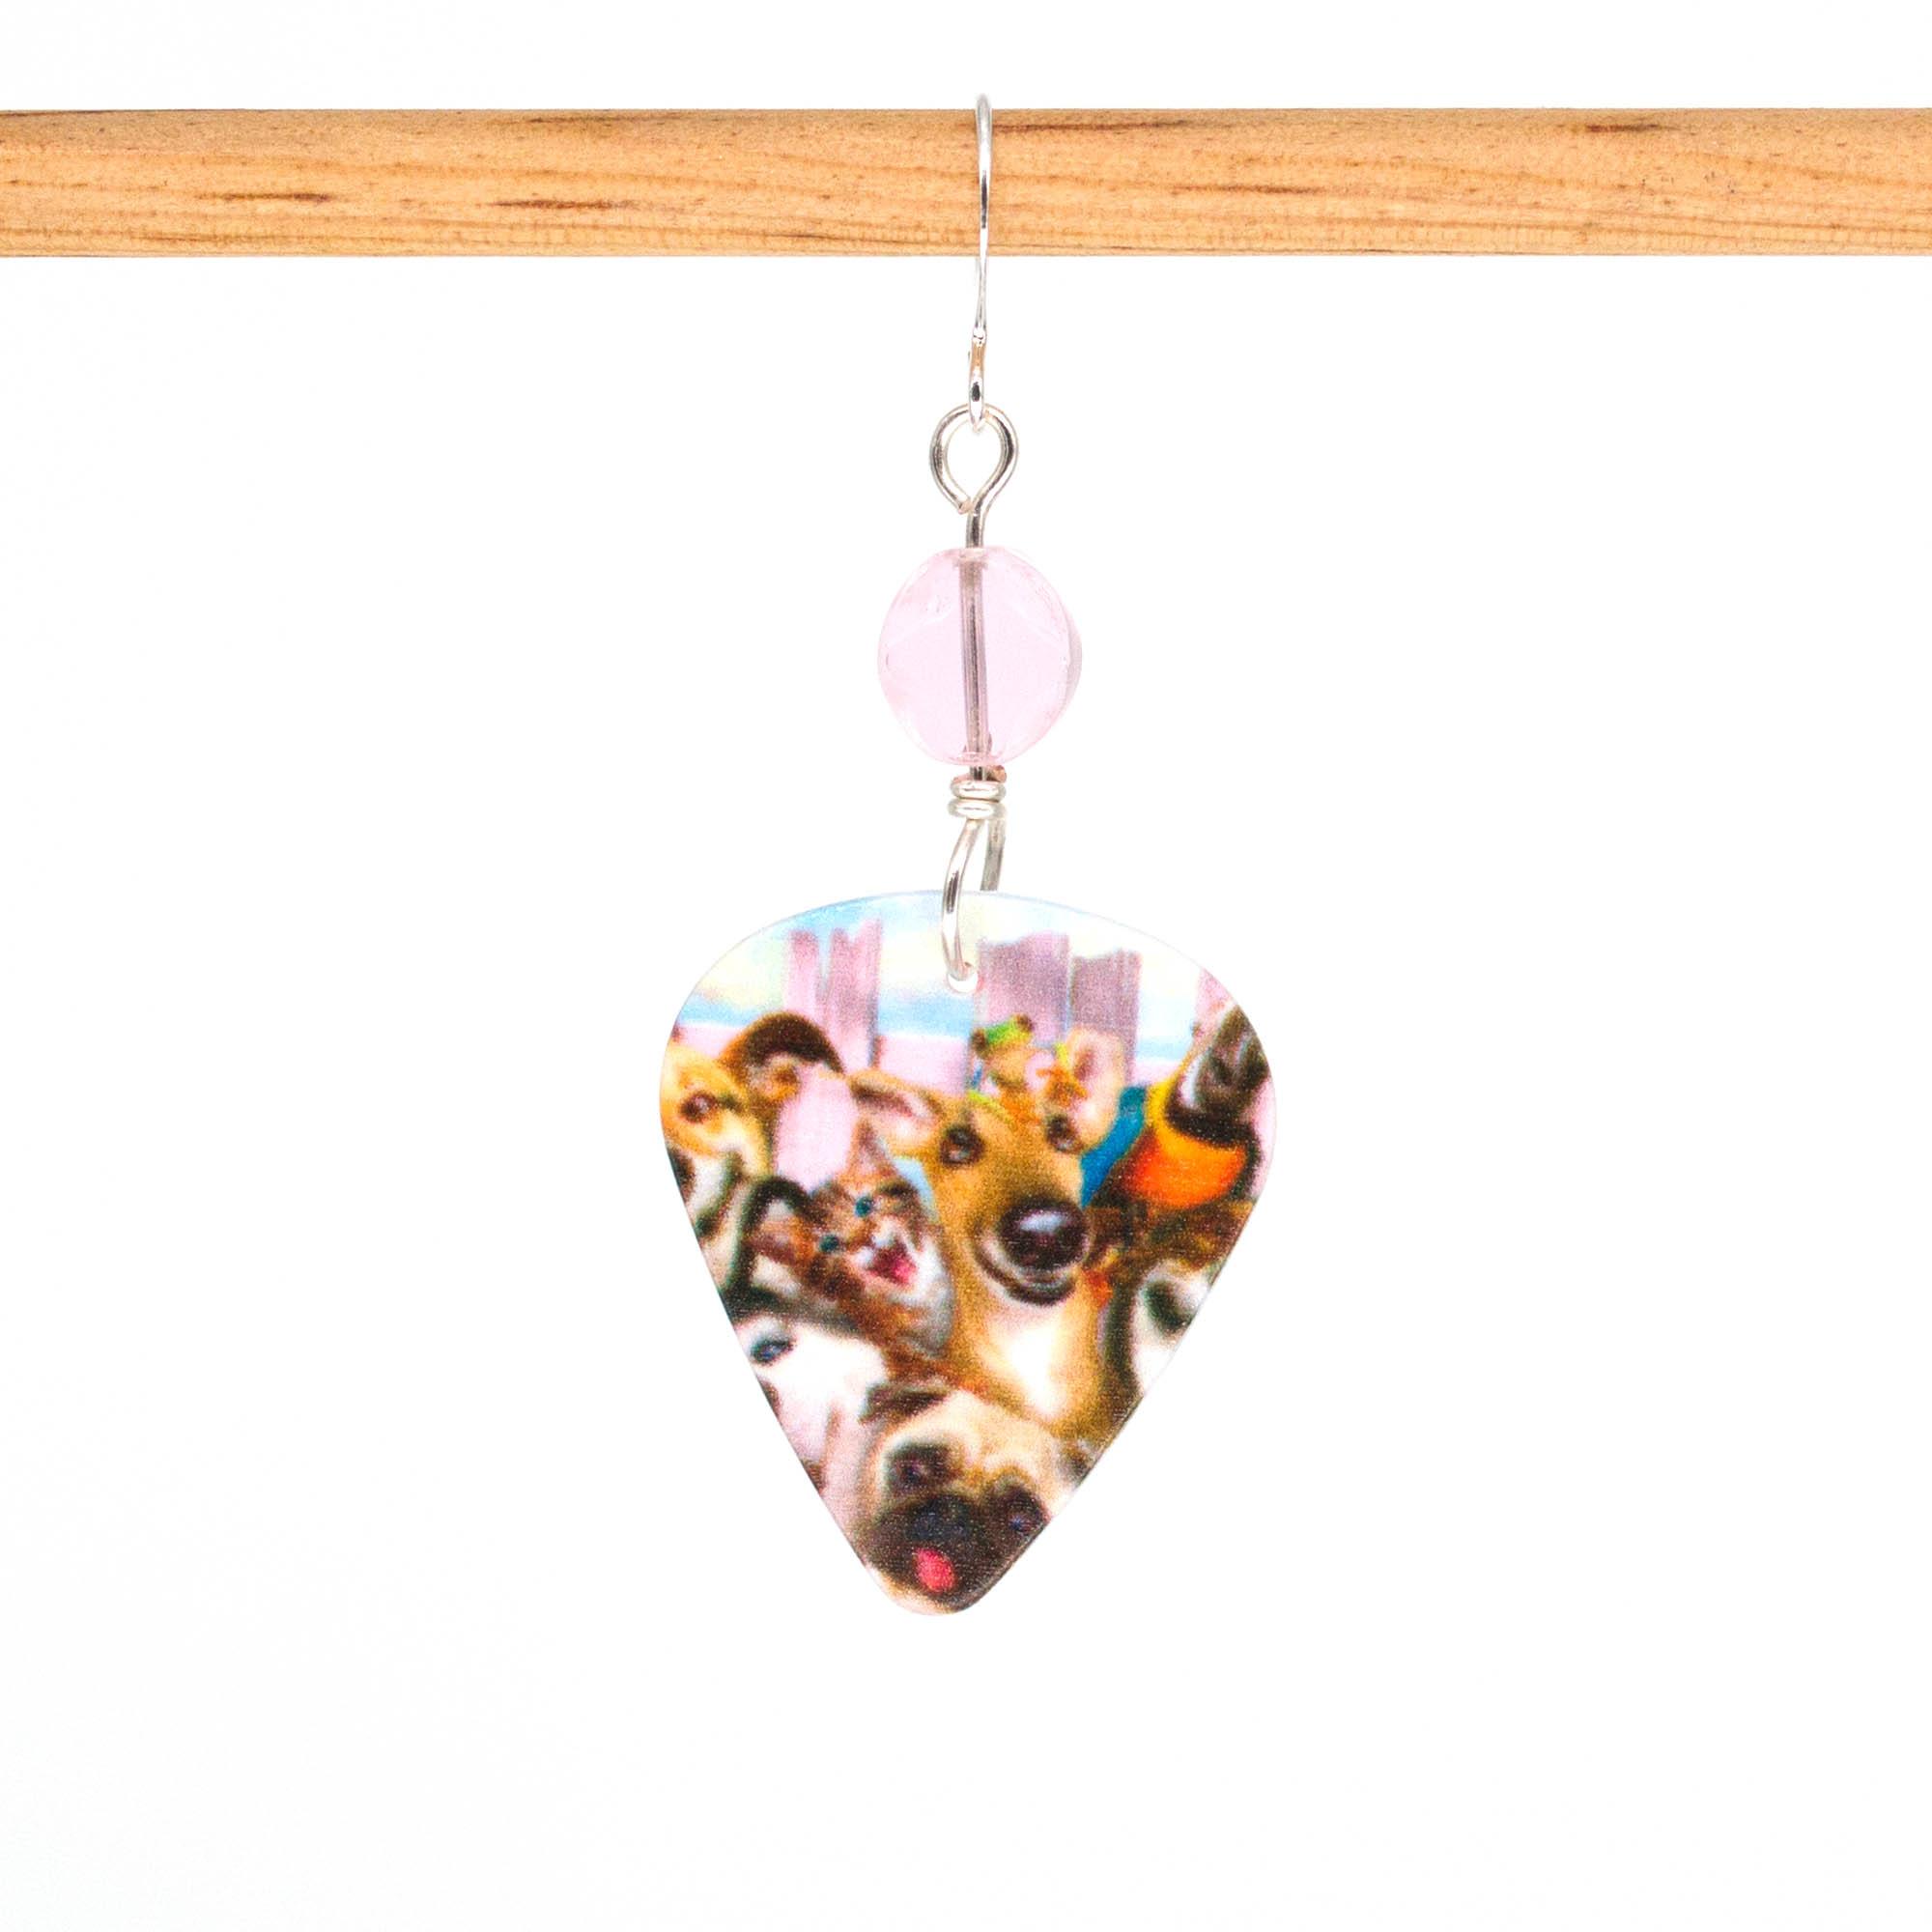 E1000D - Photobomb Doggo Earrings